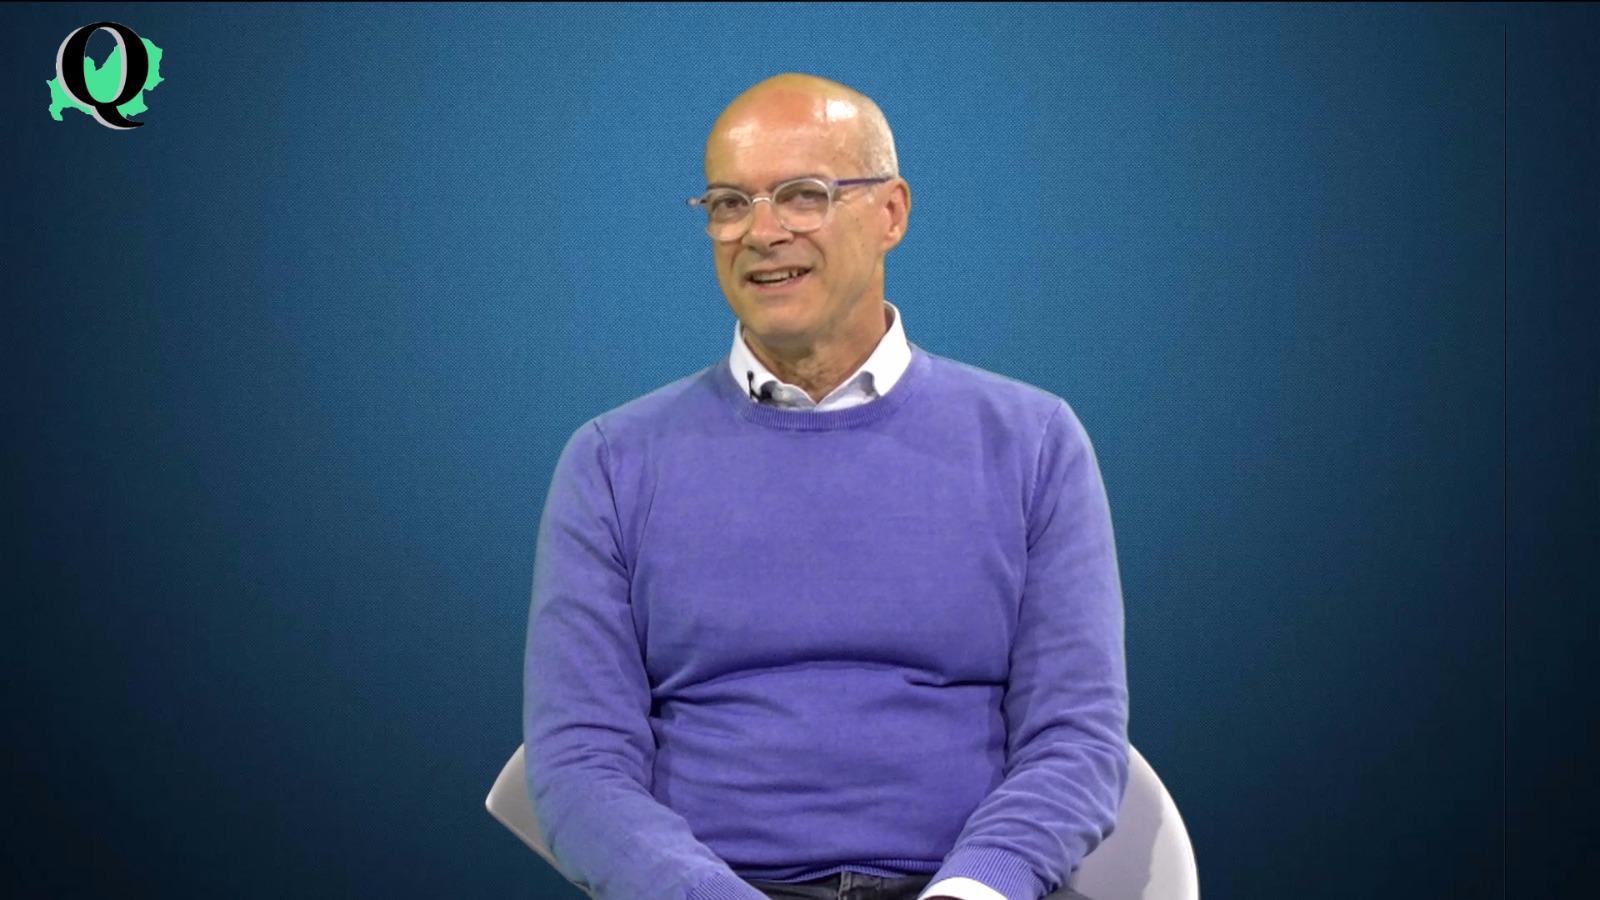 Post-elezioni. Intervista al neo Governatore Donato Toma